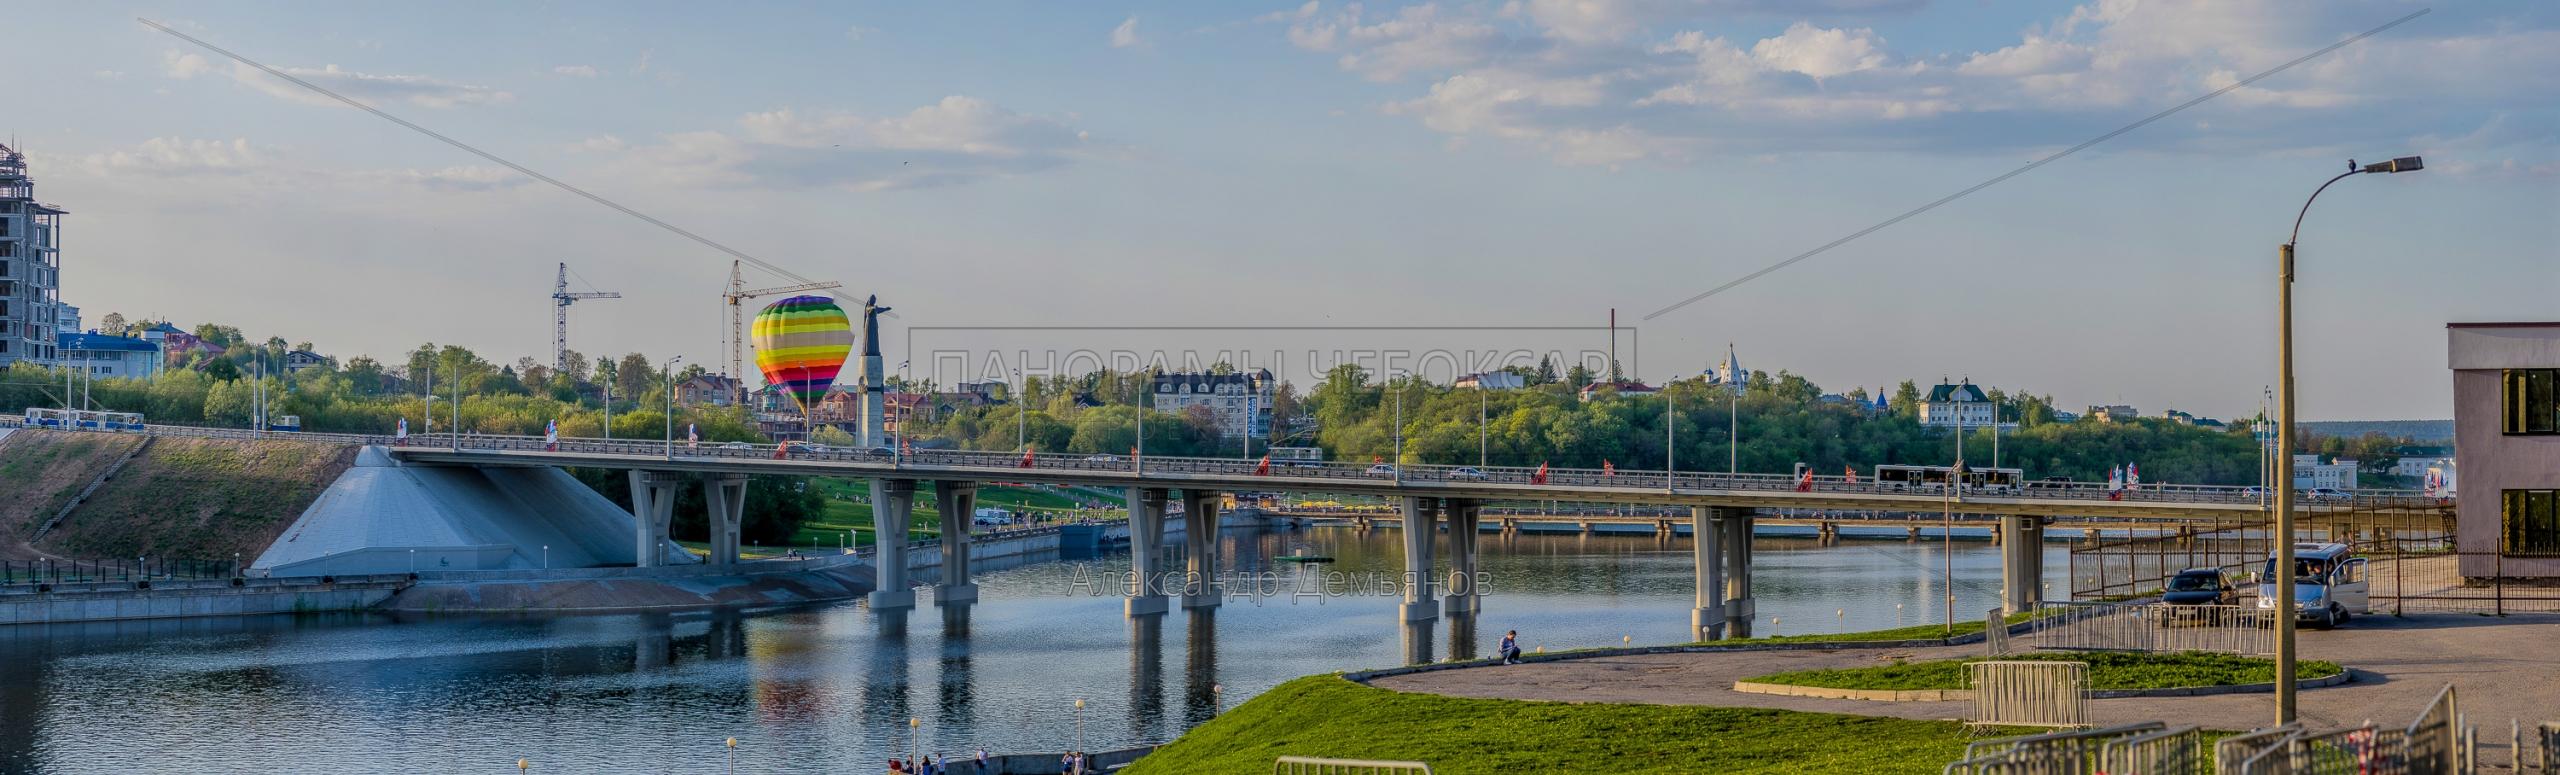 Новый Московский мост — Чебоксарский залив Весной 2019 I